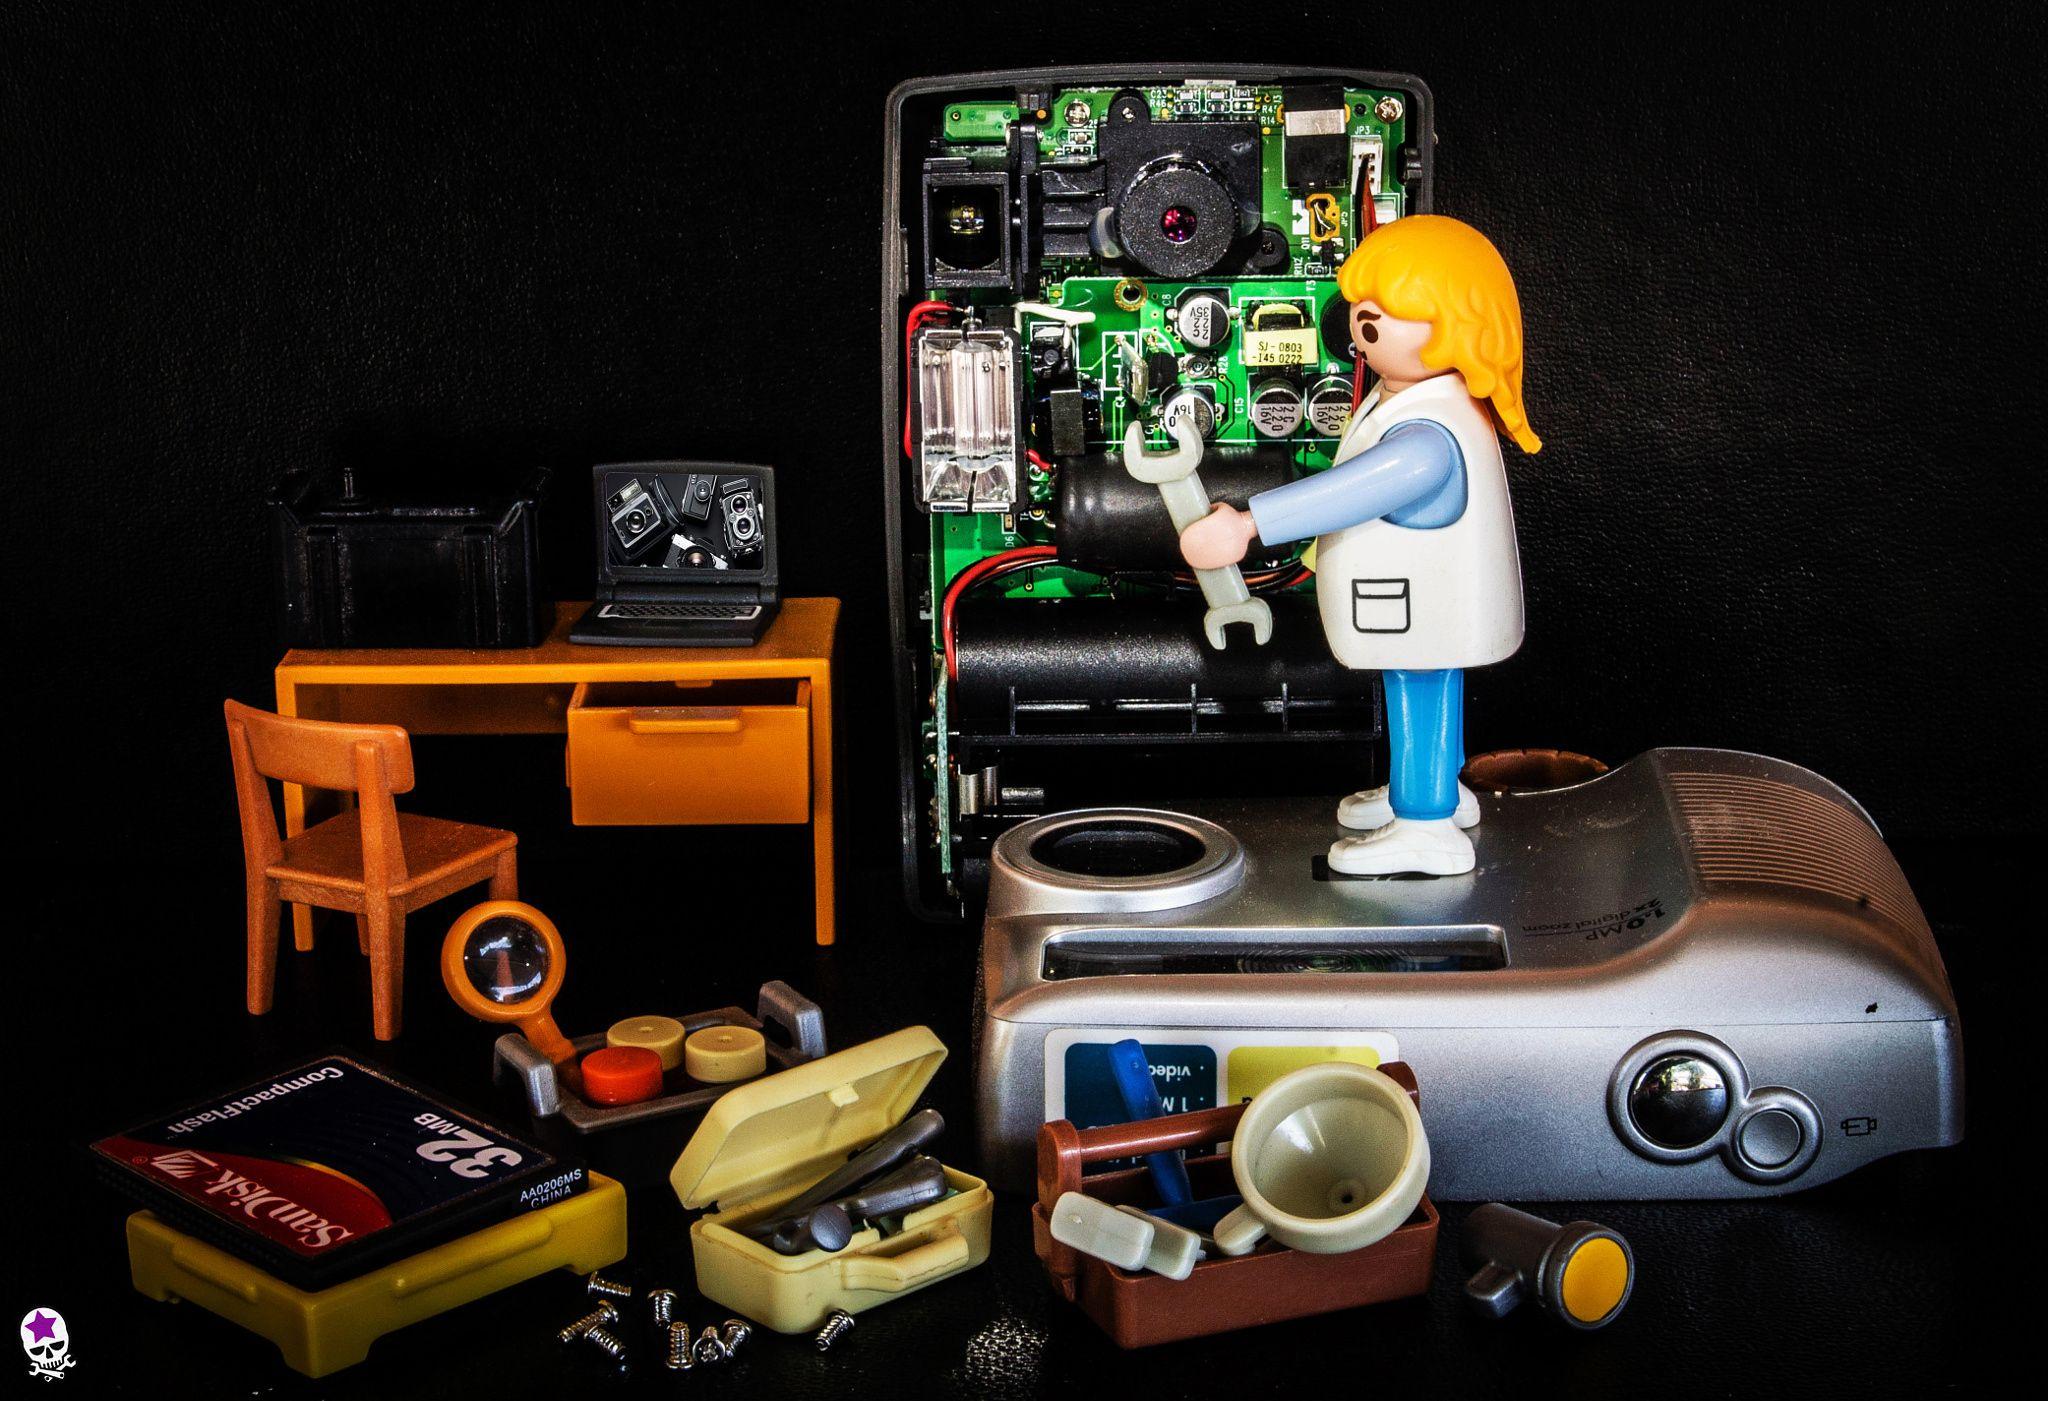 Fotografía Servício técnico de reparación de cámaras de fotos por Juan Carlos Cañadilla en 500px